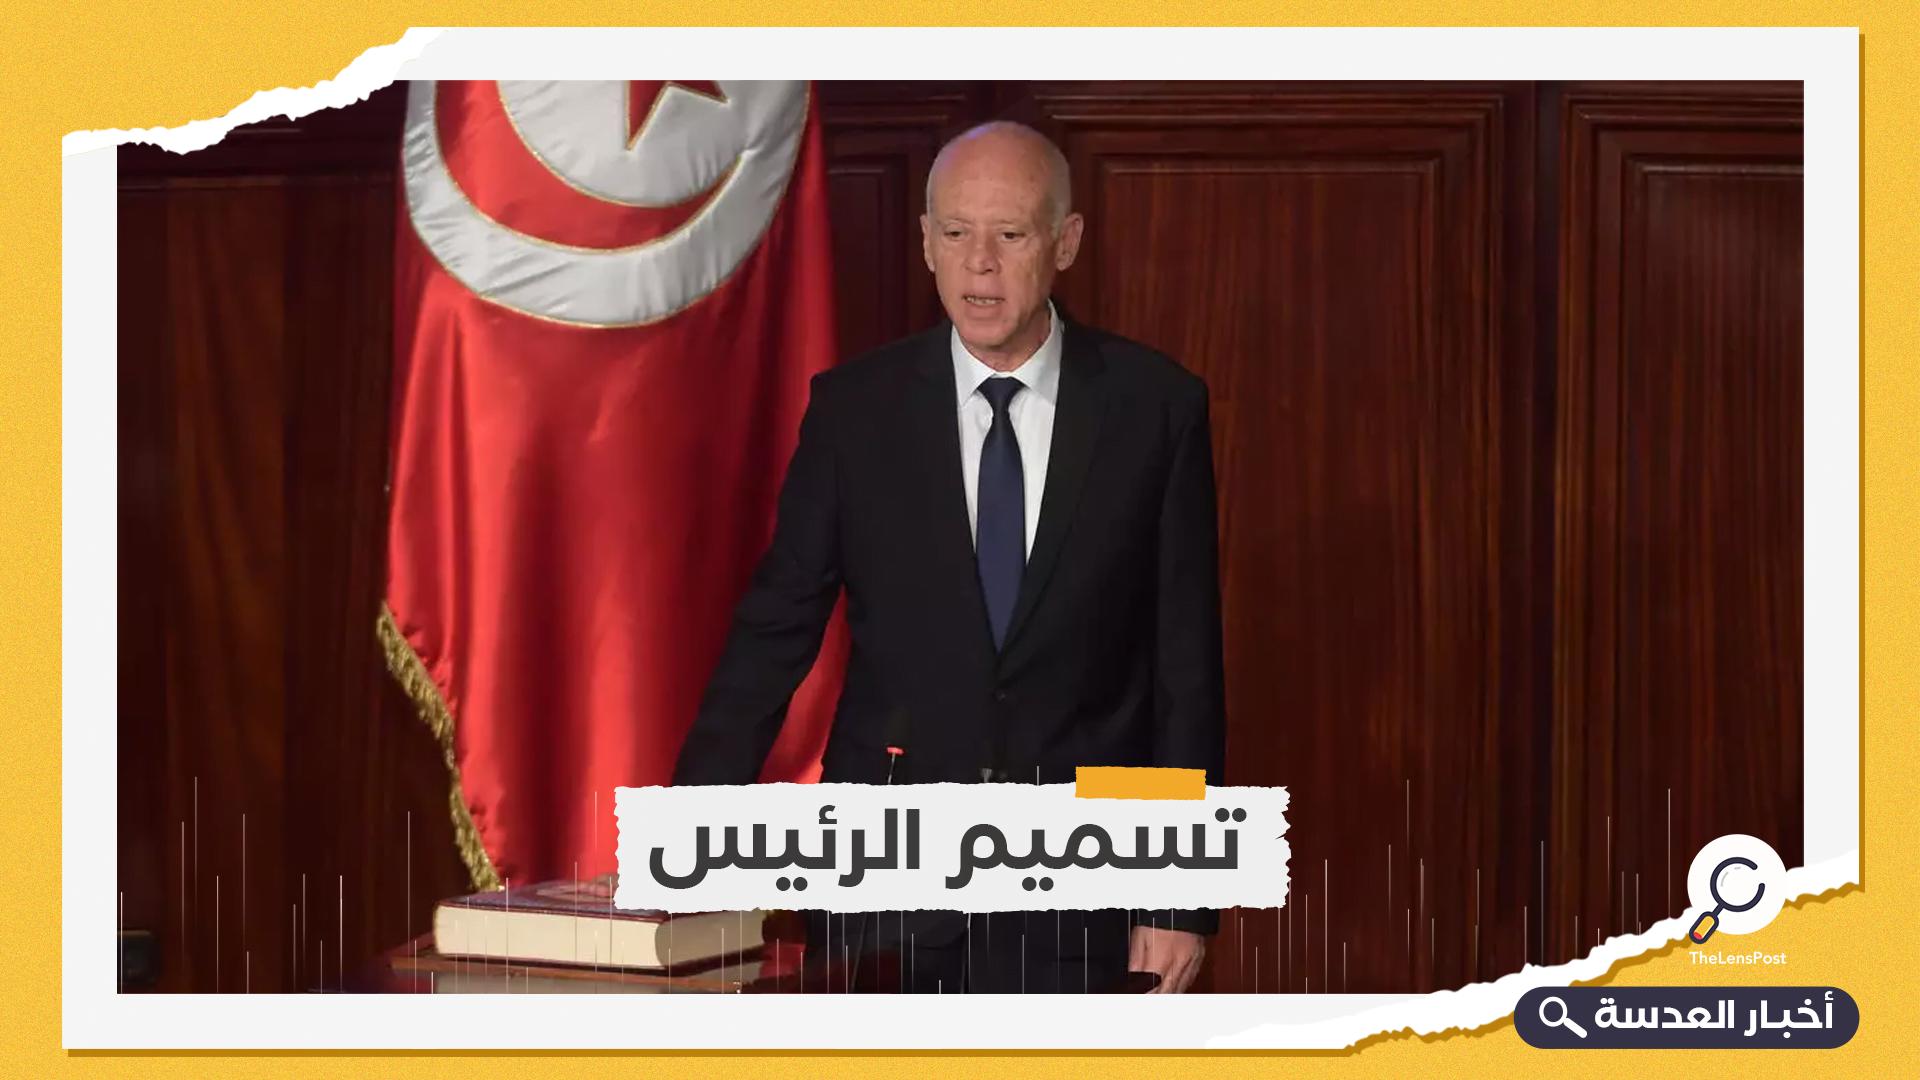 نجاة الرئيس التونسي من محاولة اغتيال